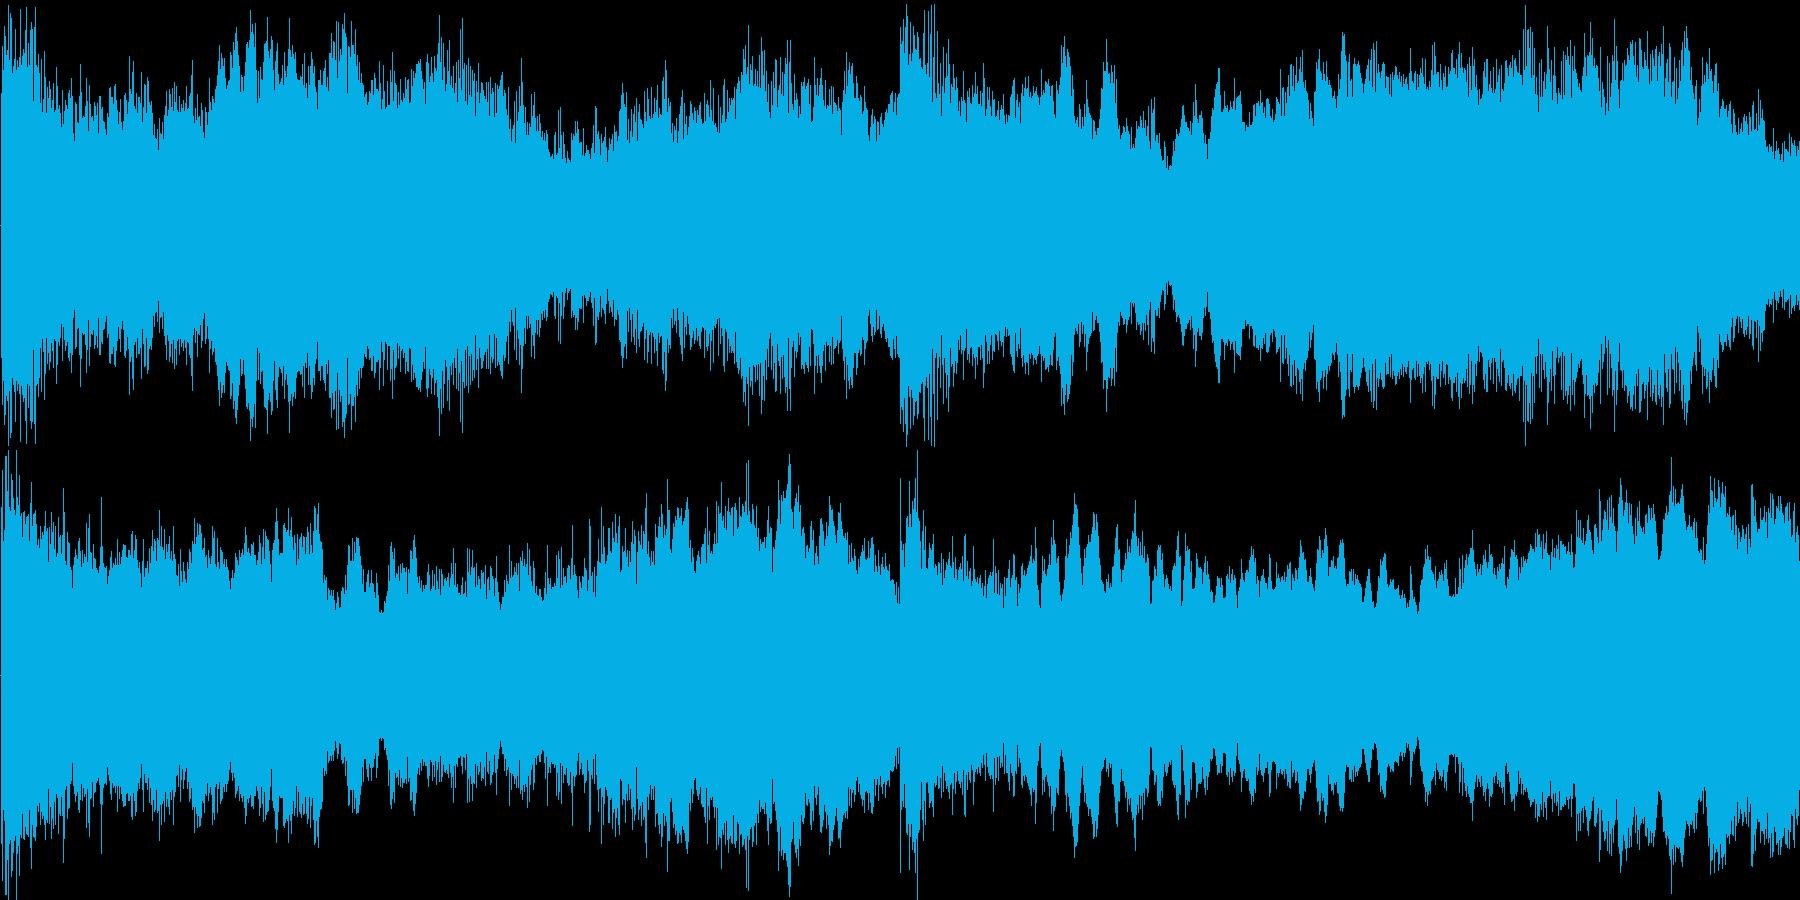 不安感を感じる楽曲です。不安定なシーン…の再生済みの波形